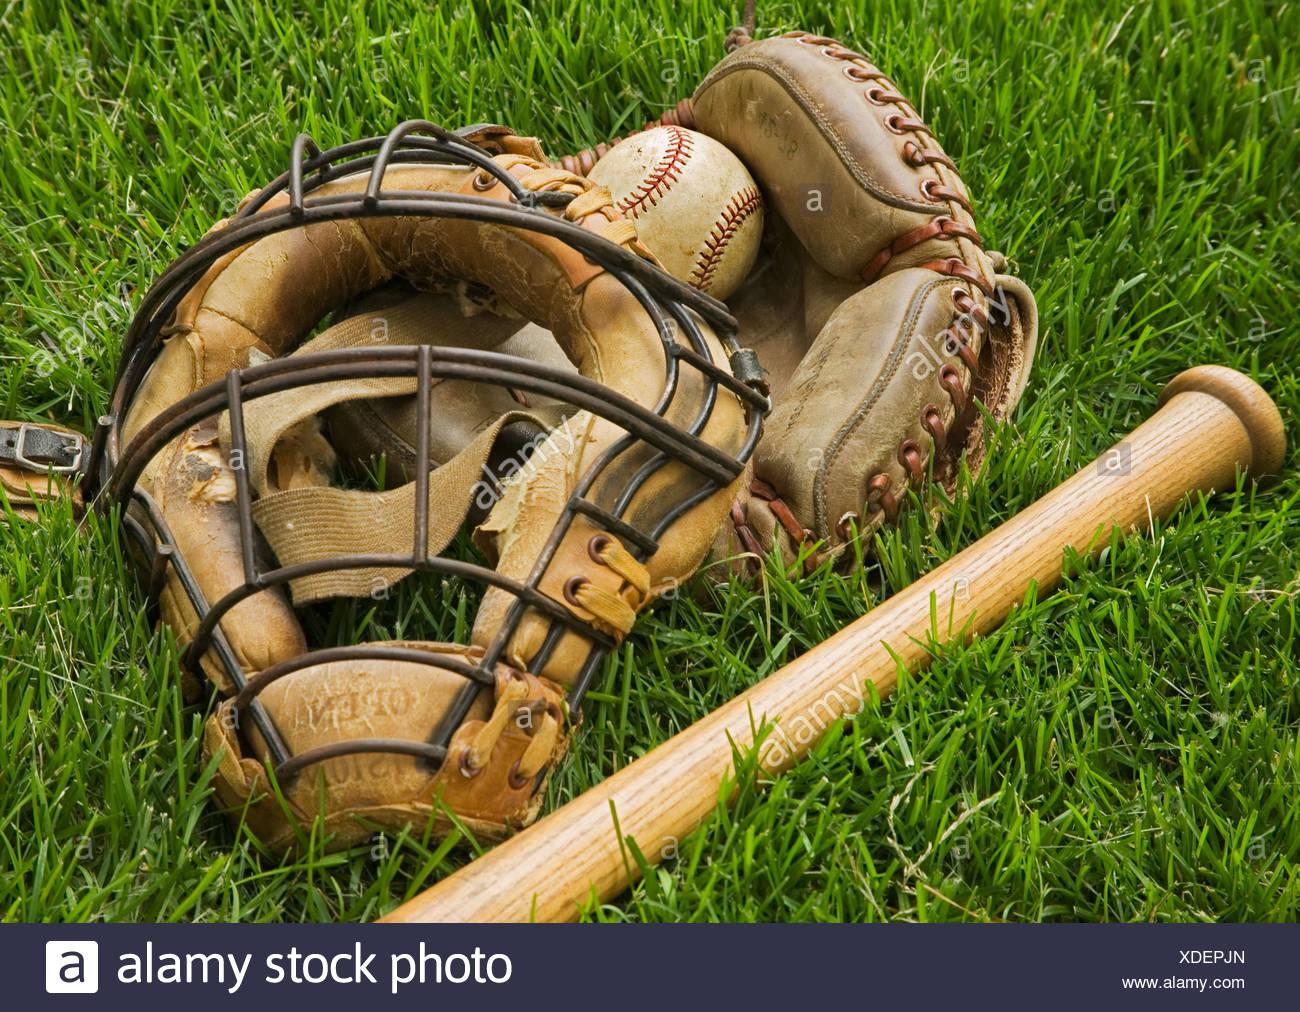 L'équipement de baseball à l'ancienne dans l'herbe Photo Stock